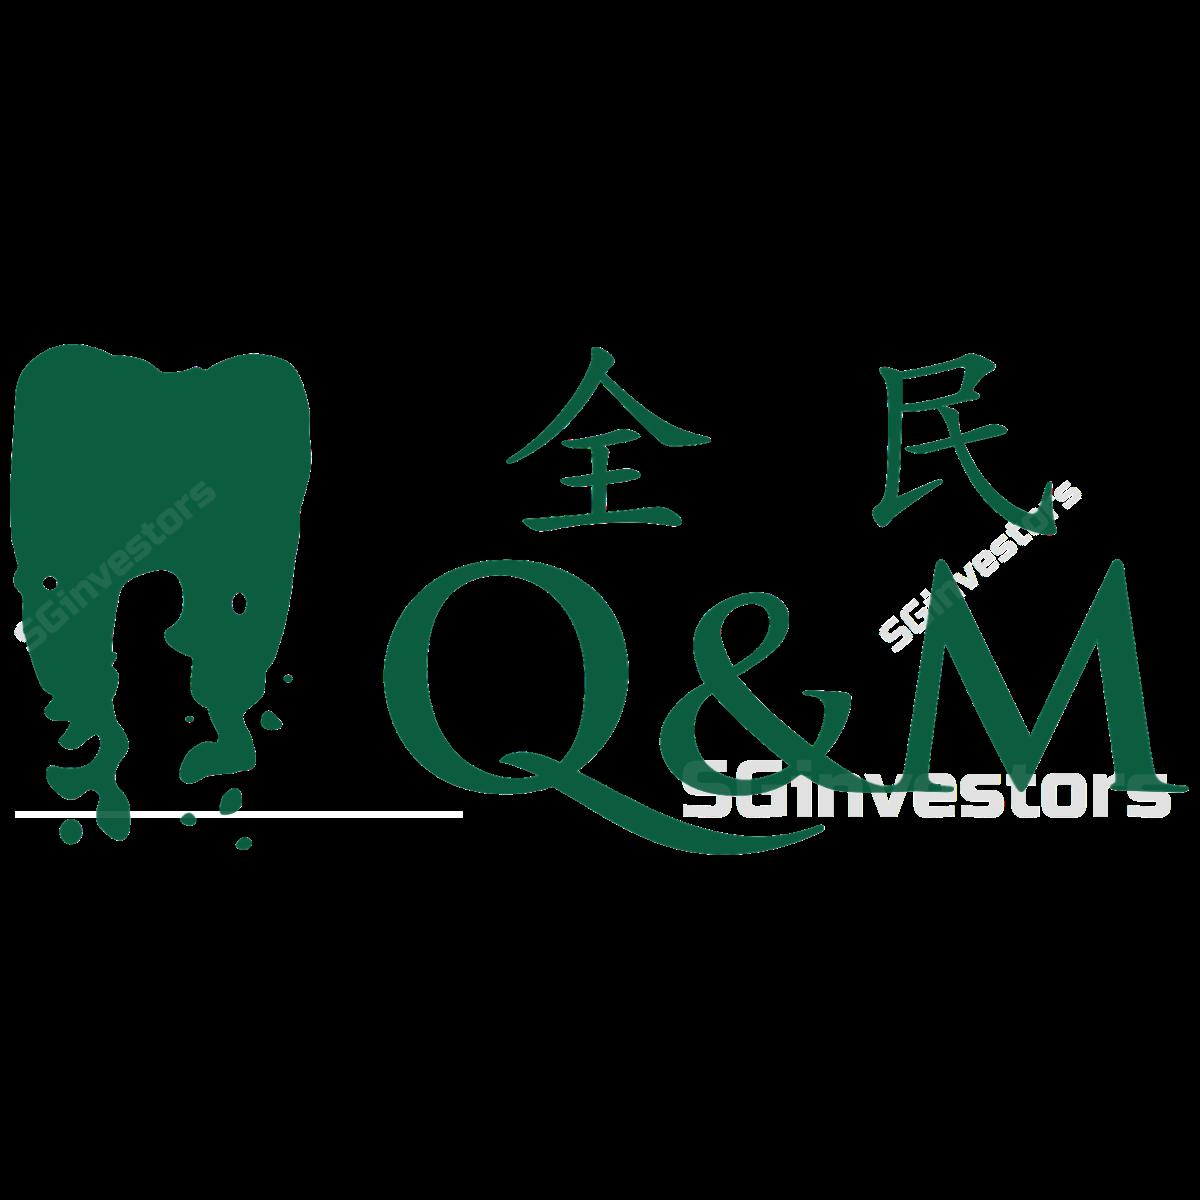 Q m dental group. Growth clipart raising the bar